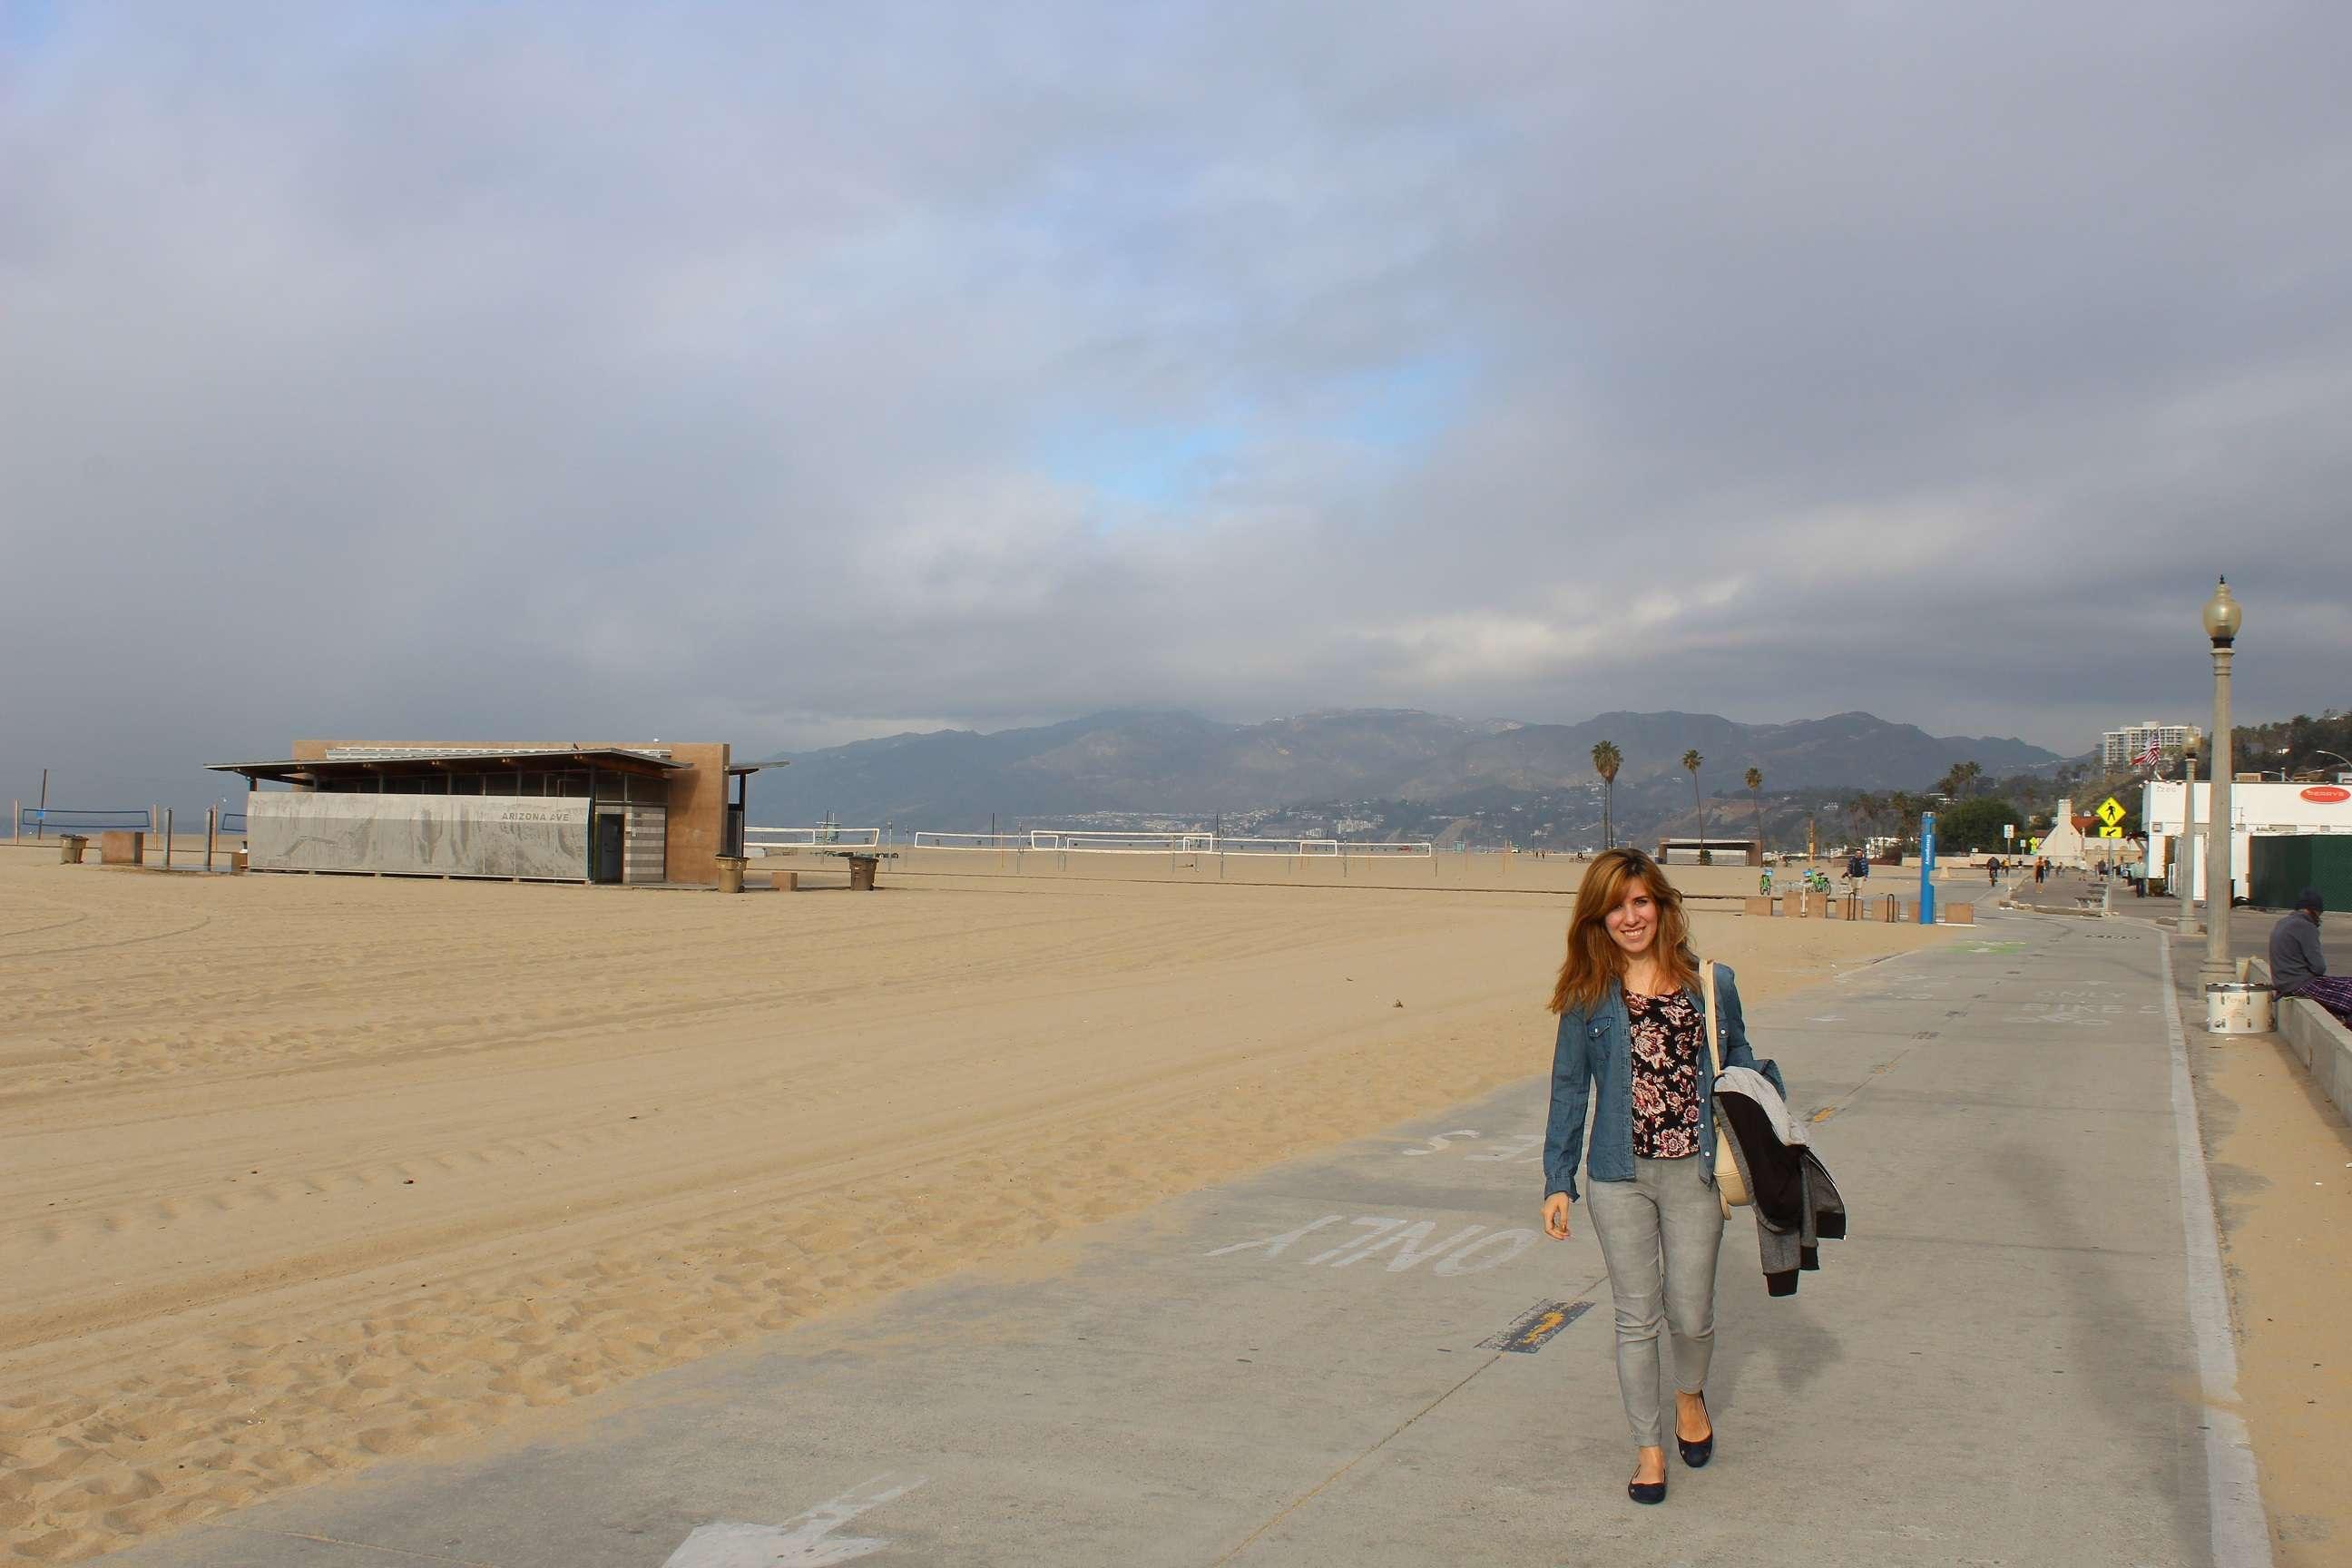 Recorriendo la costa oeste de usa los angeles classy for Malibu motors santa monica